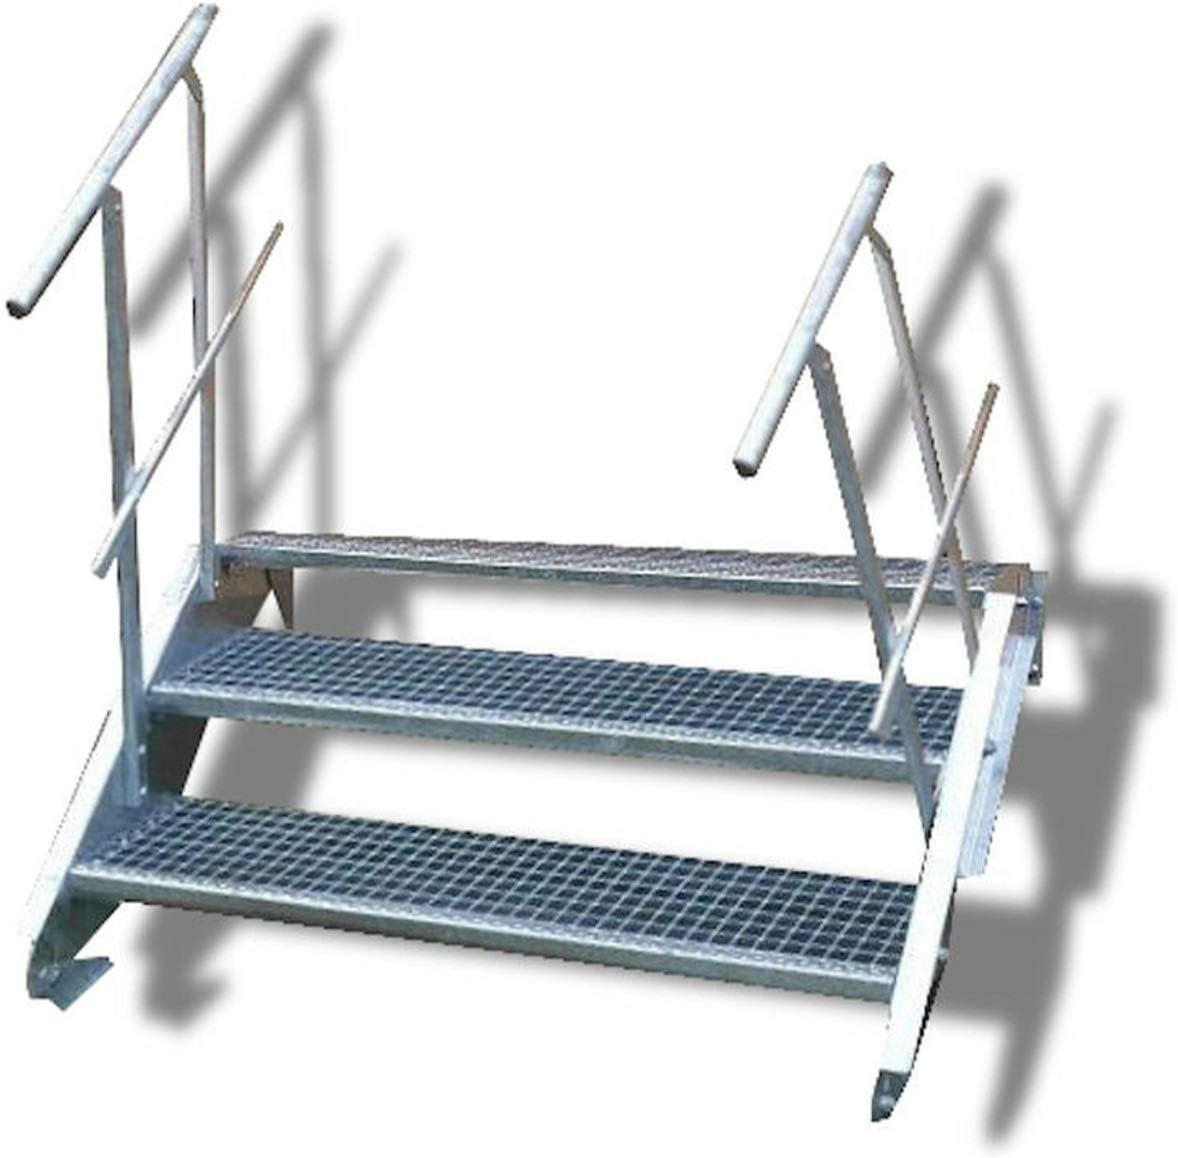 Escalera de acero de 3 peldaños con barandilla a ambos lados, altura de planta 40 – 60 cm, Gris: Amazon.es: Bricolaje y herramientas